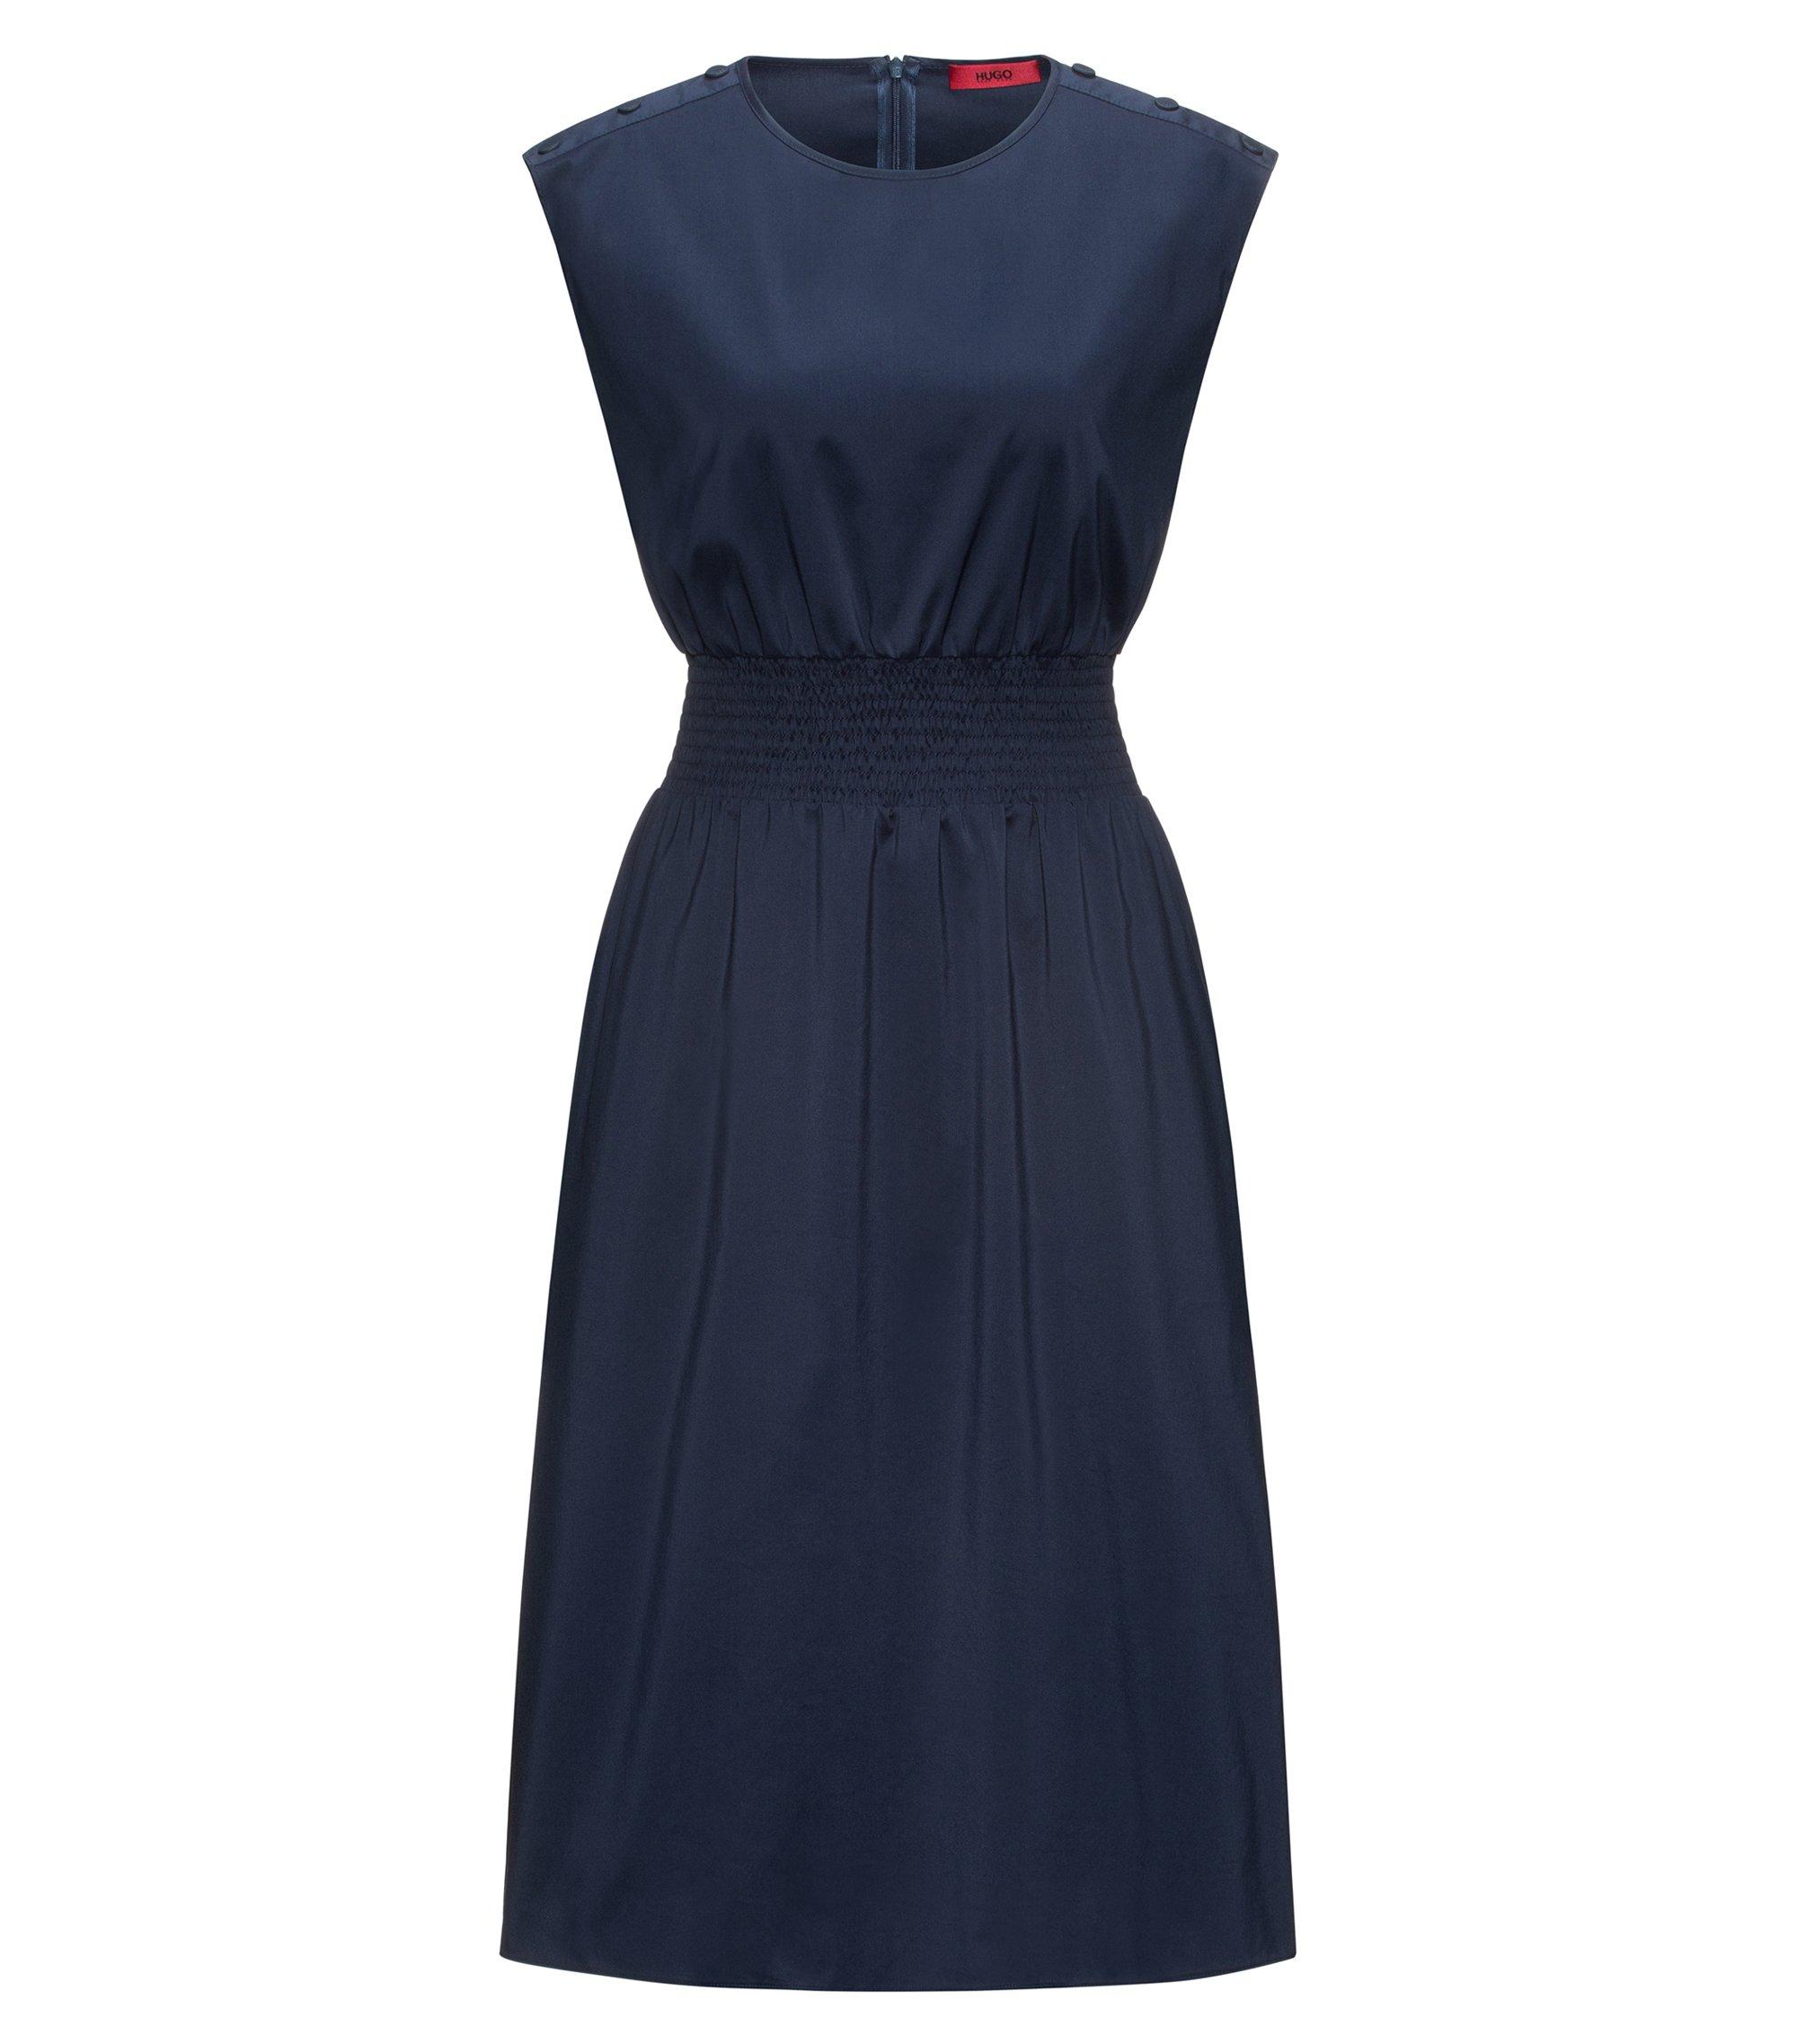 Ärmelloses Kleid aus Baumwoll-Mix mit gesmoktem Detail, Dunkelblau